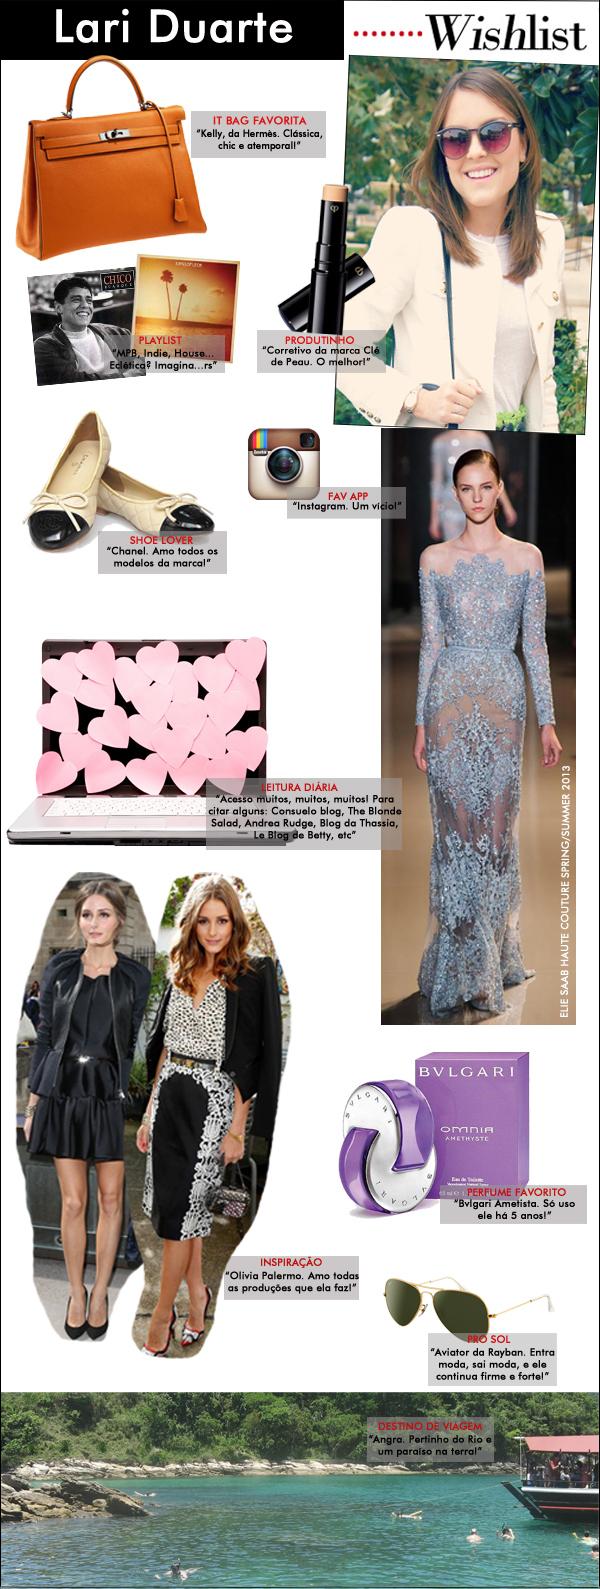 Lari-Duarte-blog-tips-dicas-entrevistas-fashion-blogger